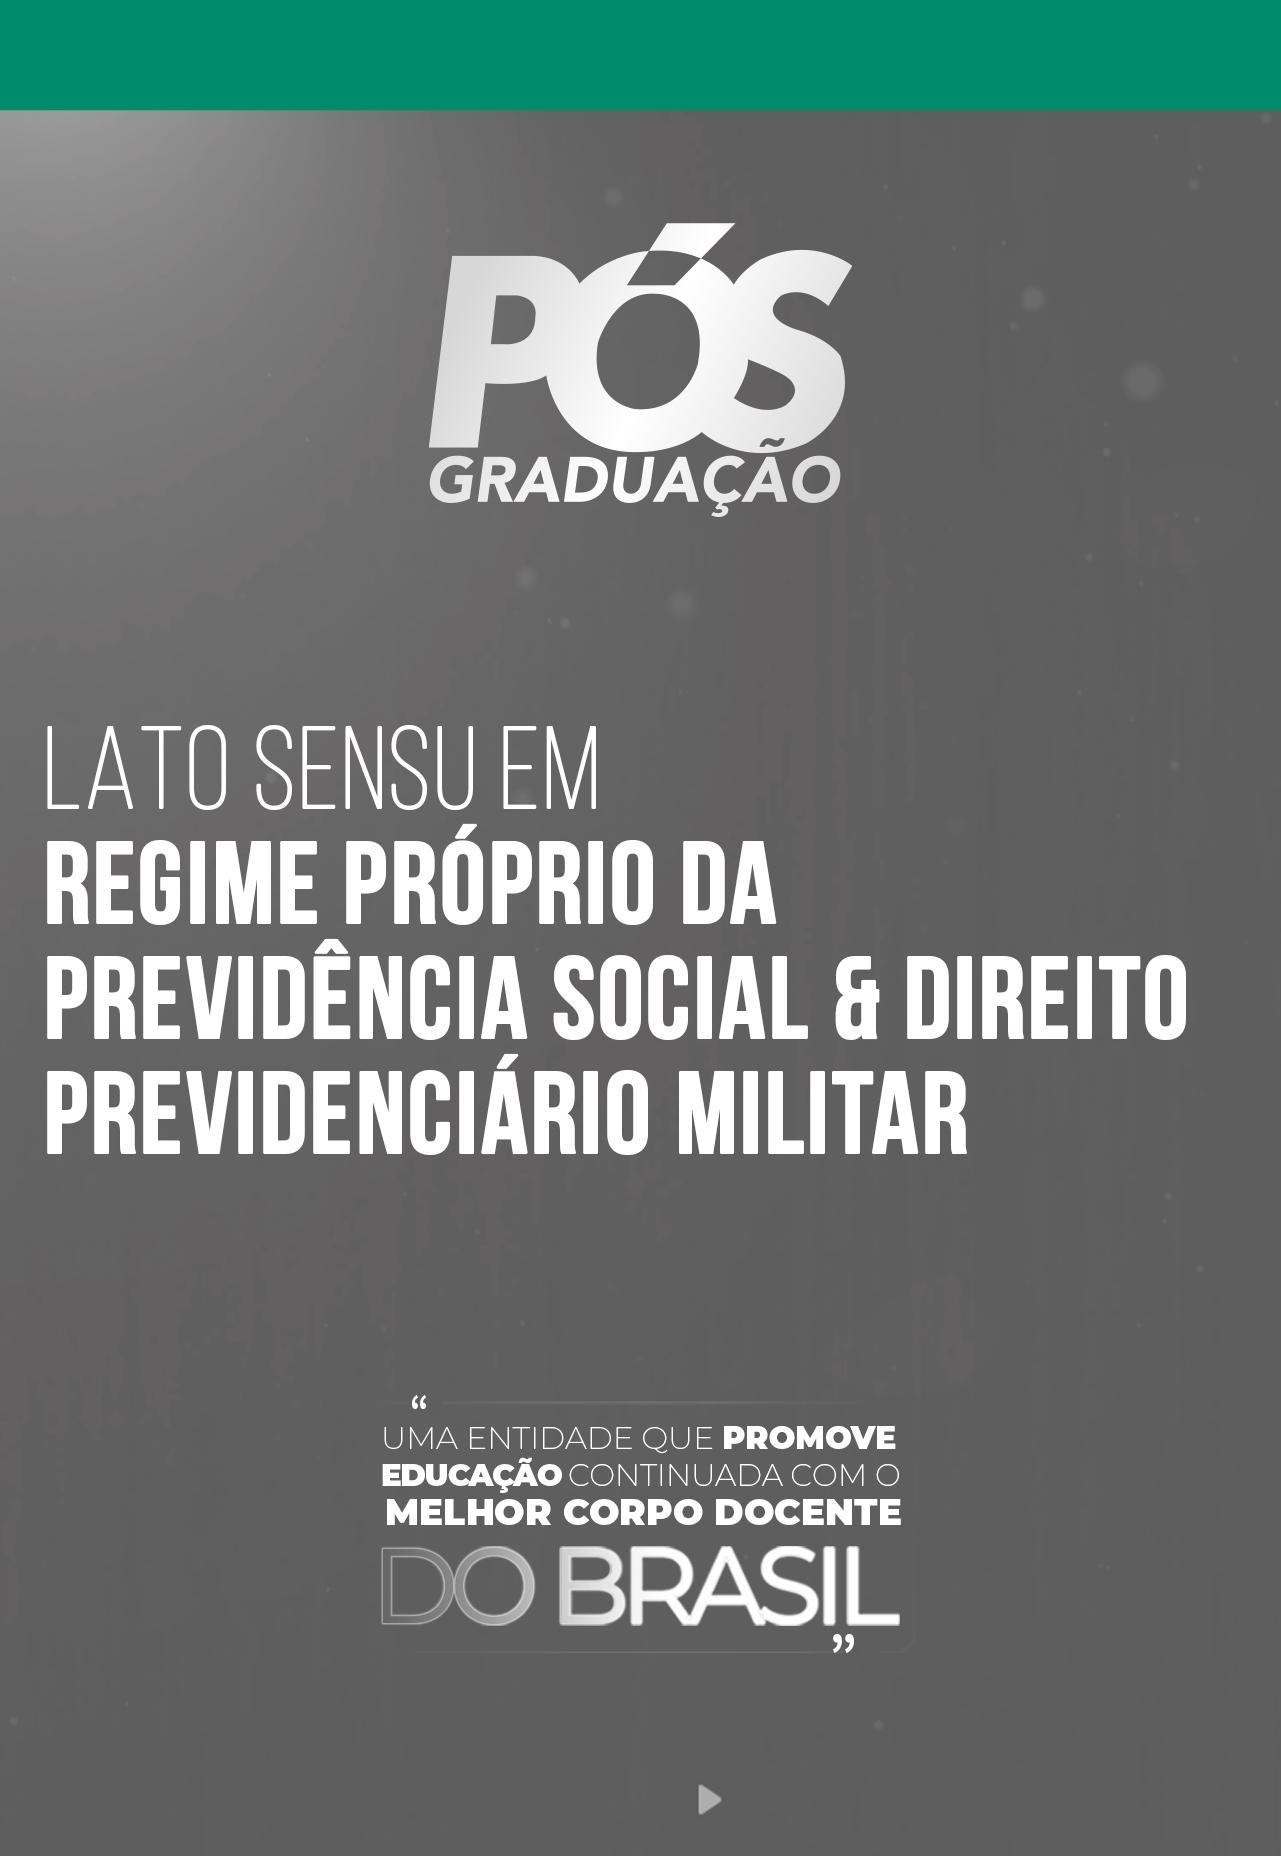 Regime Próprio da Previdência Social & Direito Previdenciário Militar